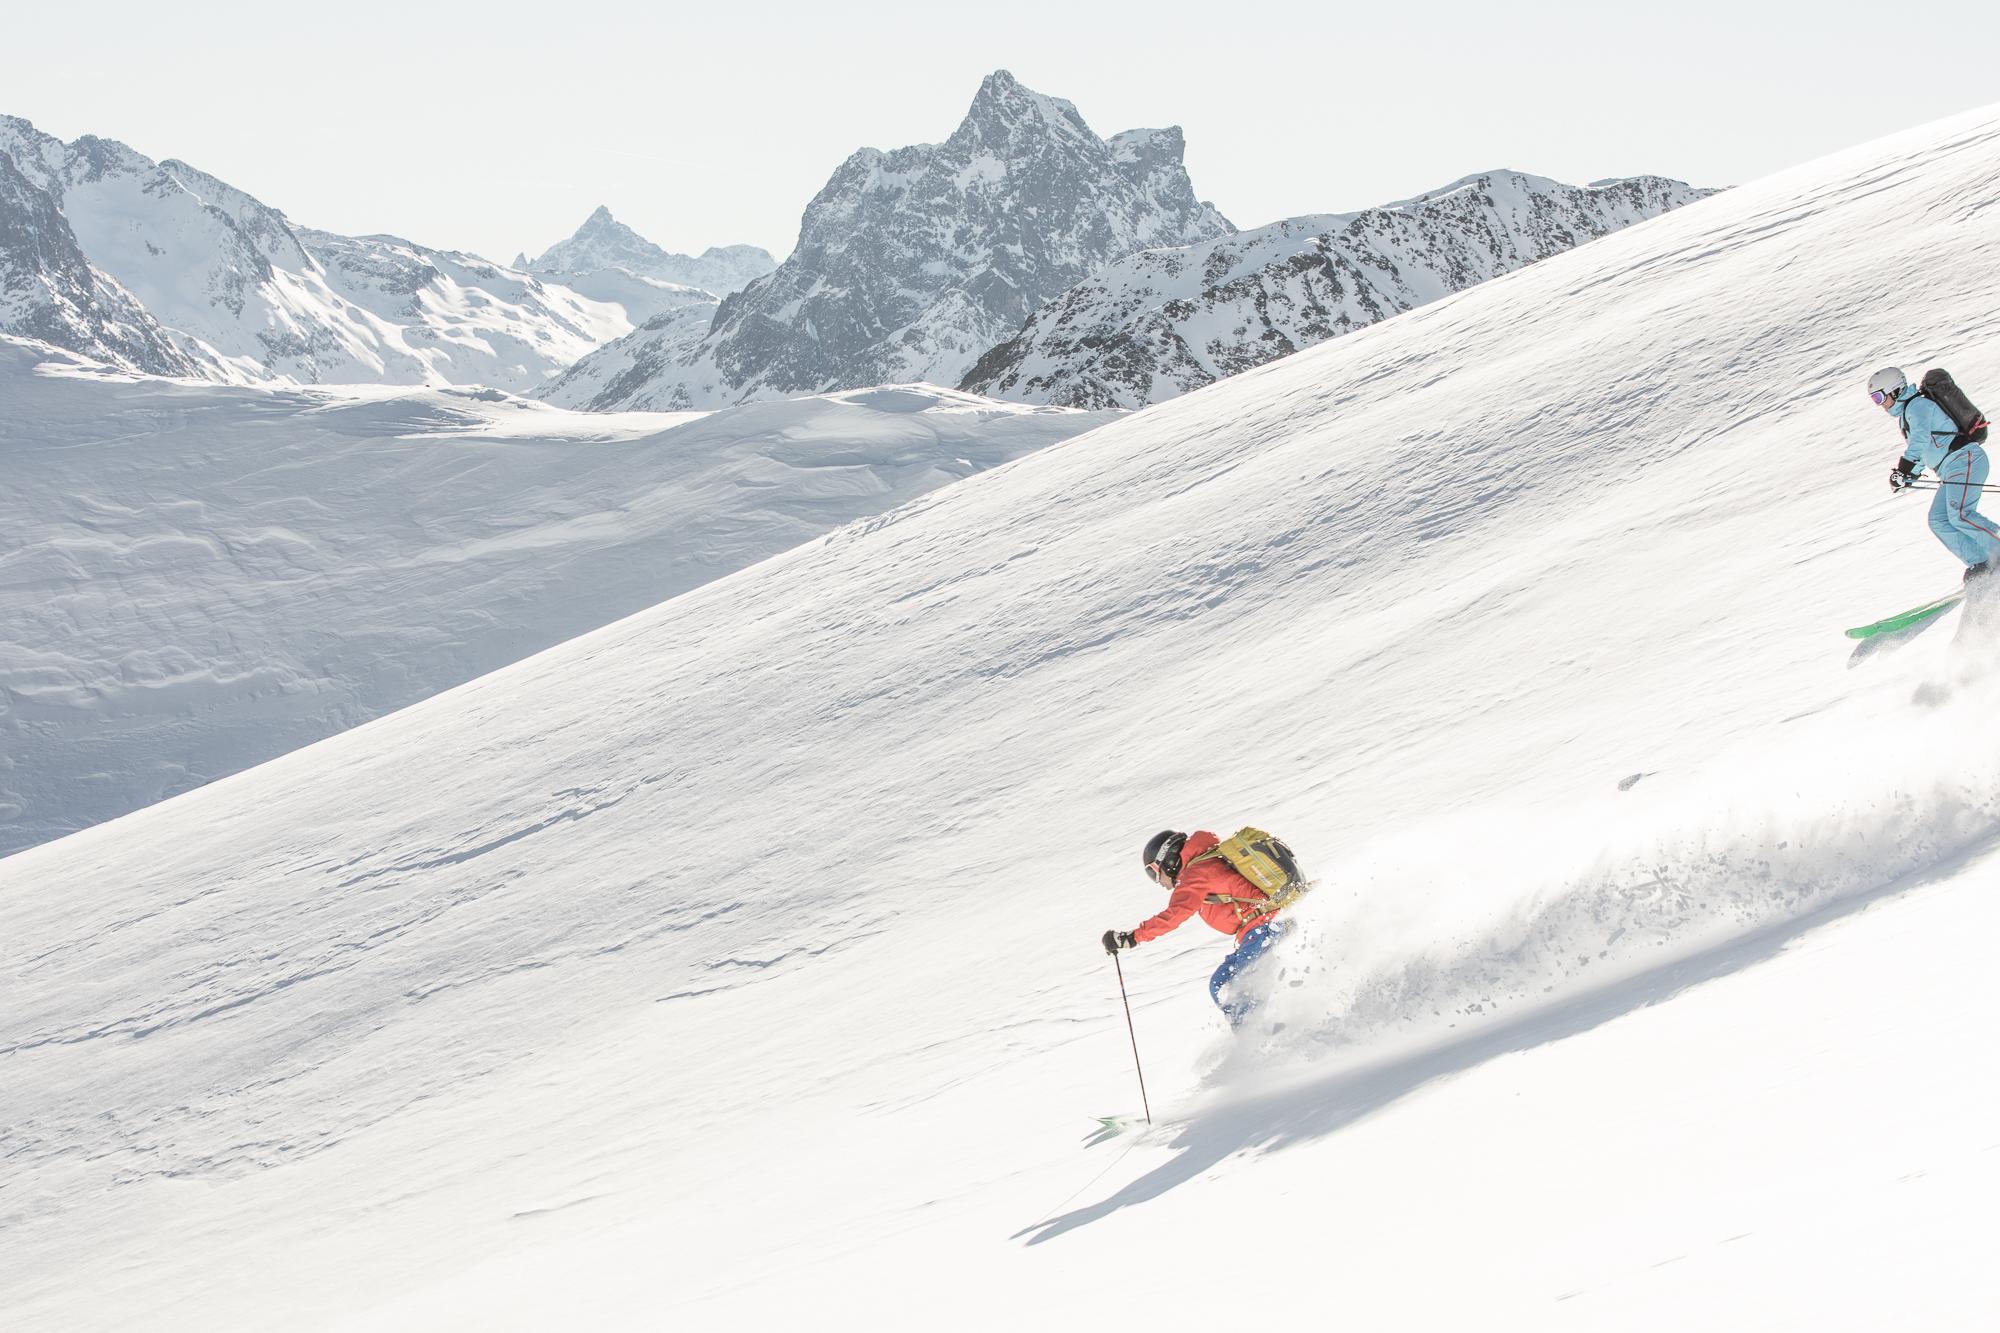 piste to powder mountain guides st anton lech zürs arlberg | privat bergführer und ski guides st anton